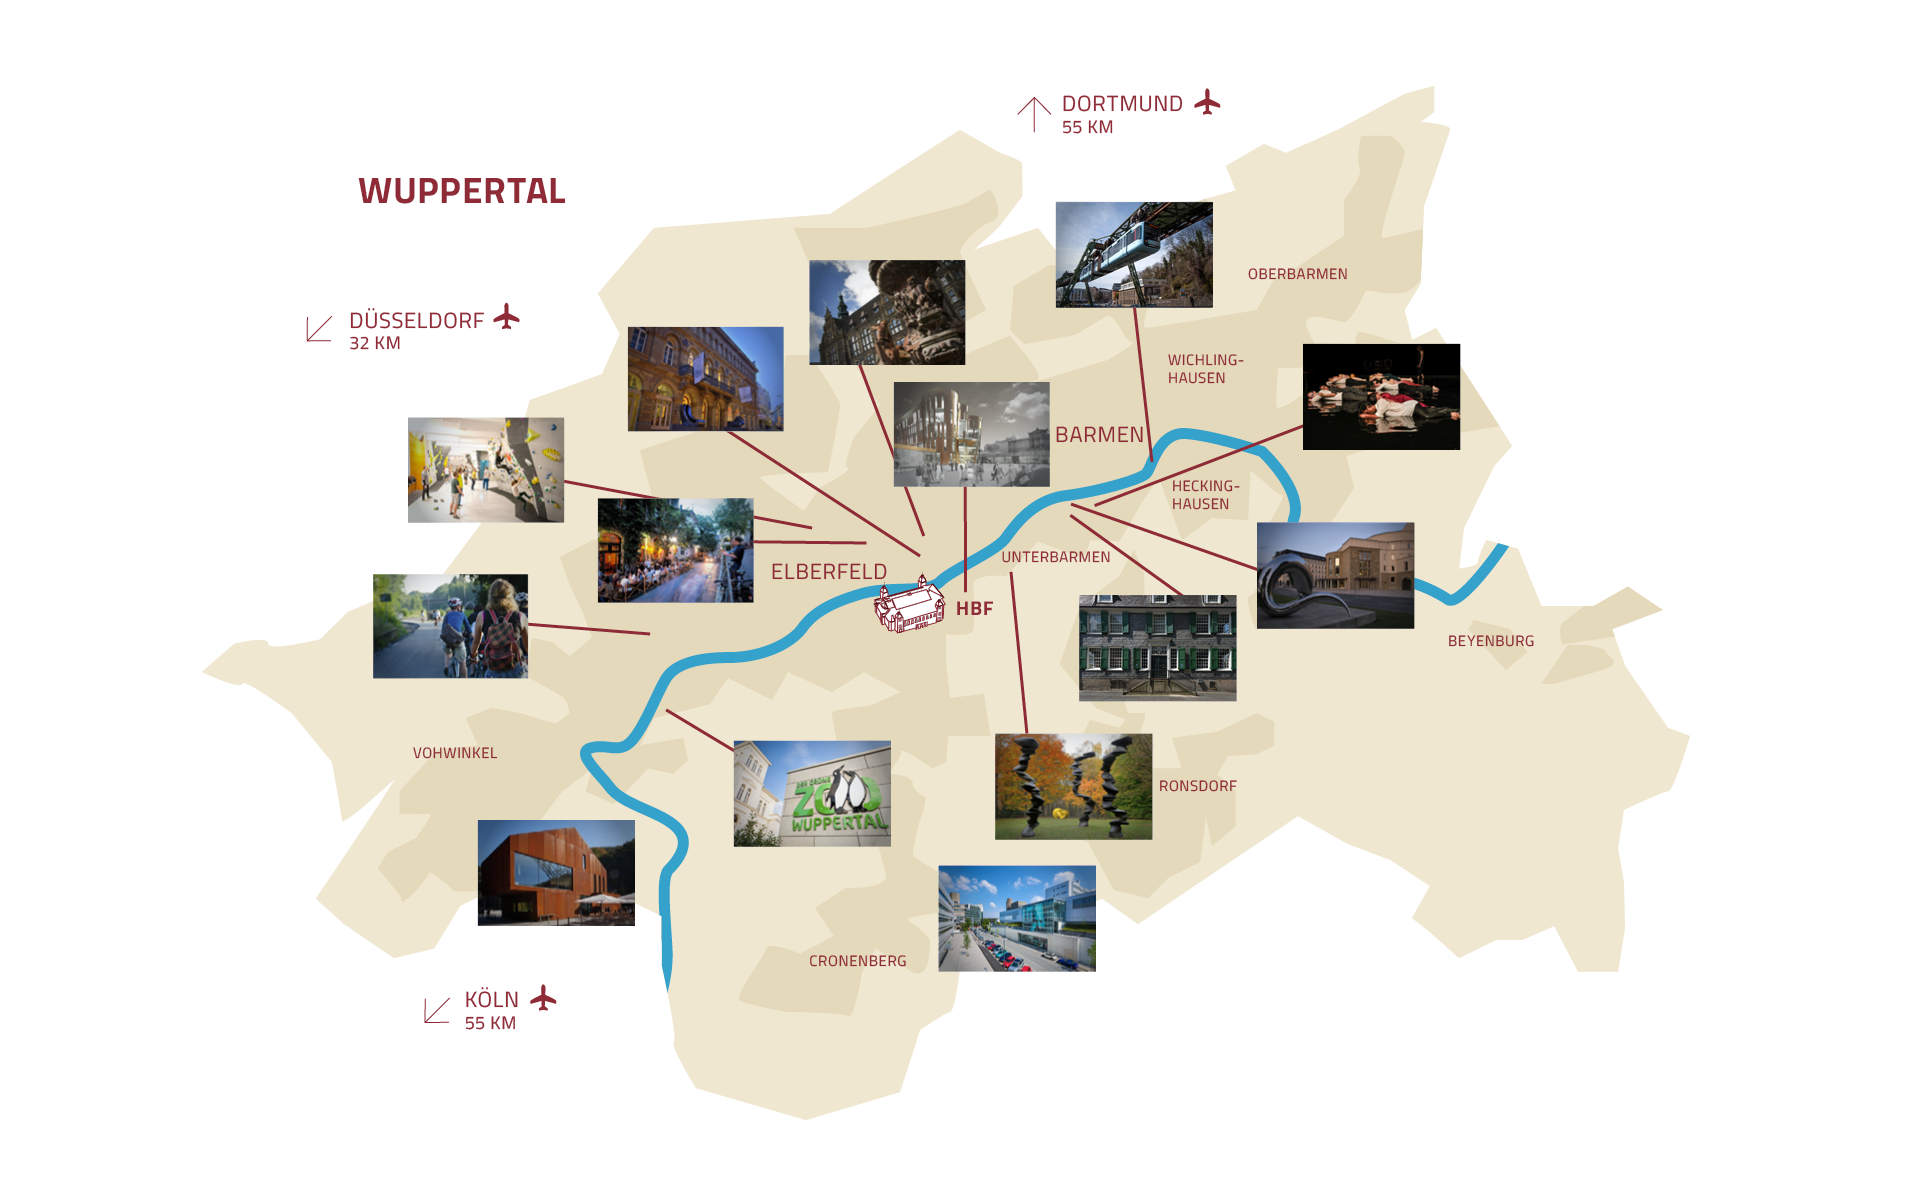 Wuppertal Karte Stadtteile.Wuppertal Historische Stadthalle Wuppertal